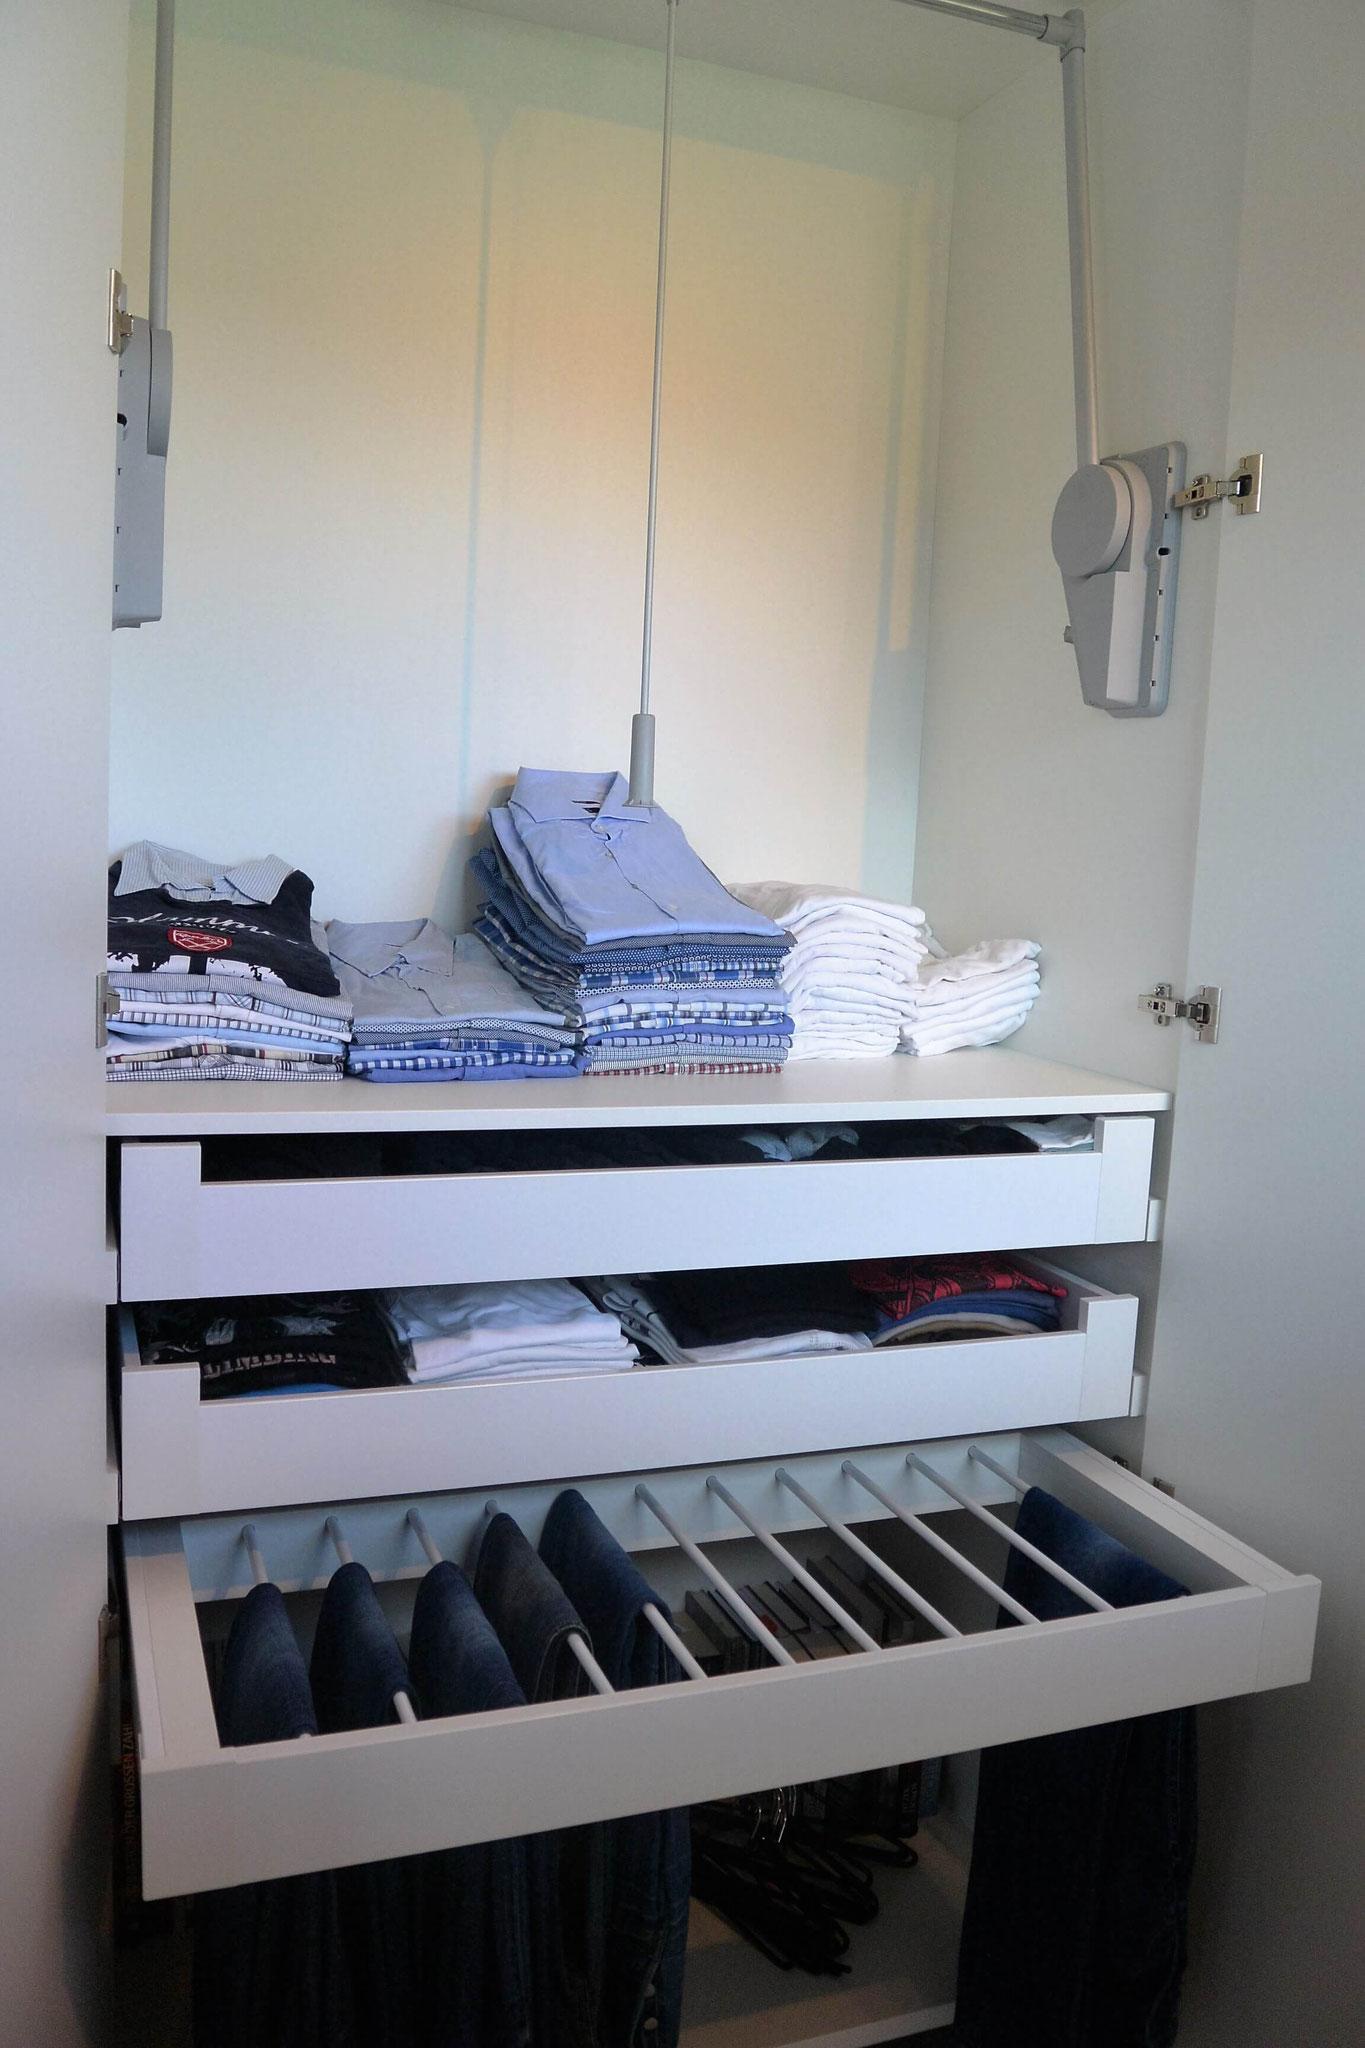 Kleiderlift für Hemden u. Hosenhalter für Jeans